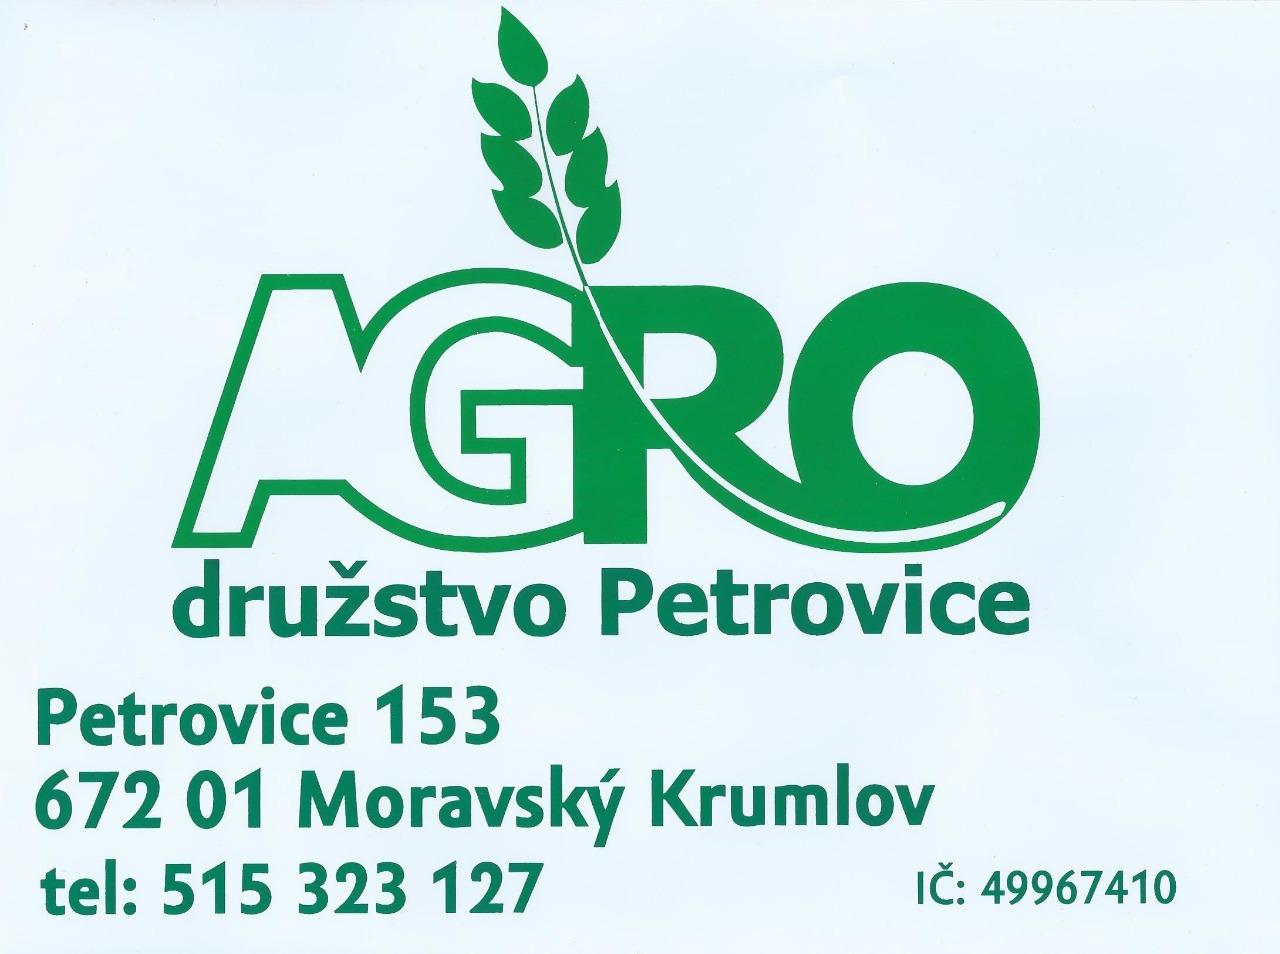 logo firmy AGRO družstvo Petrovice